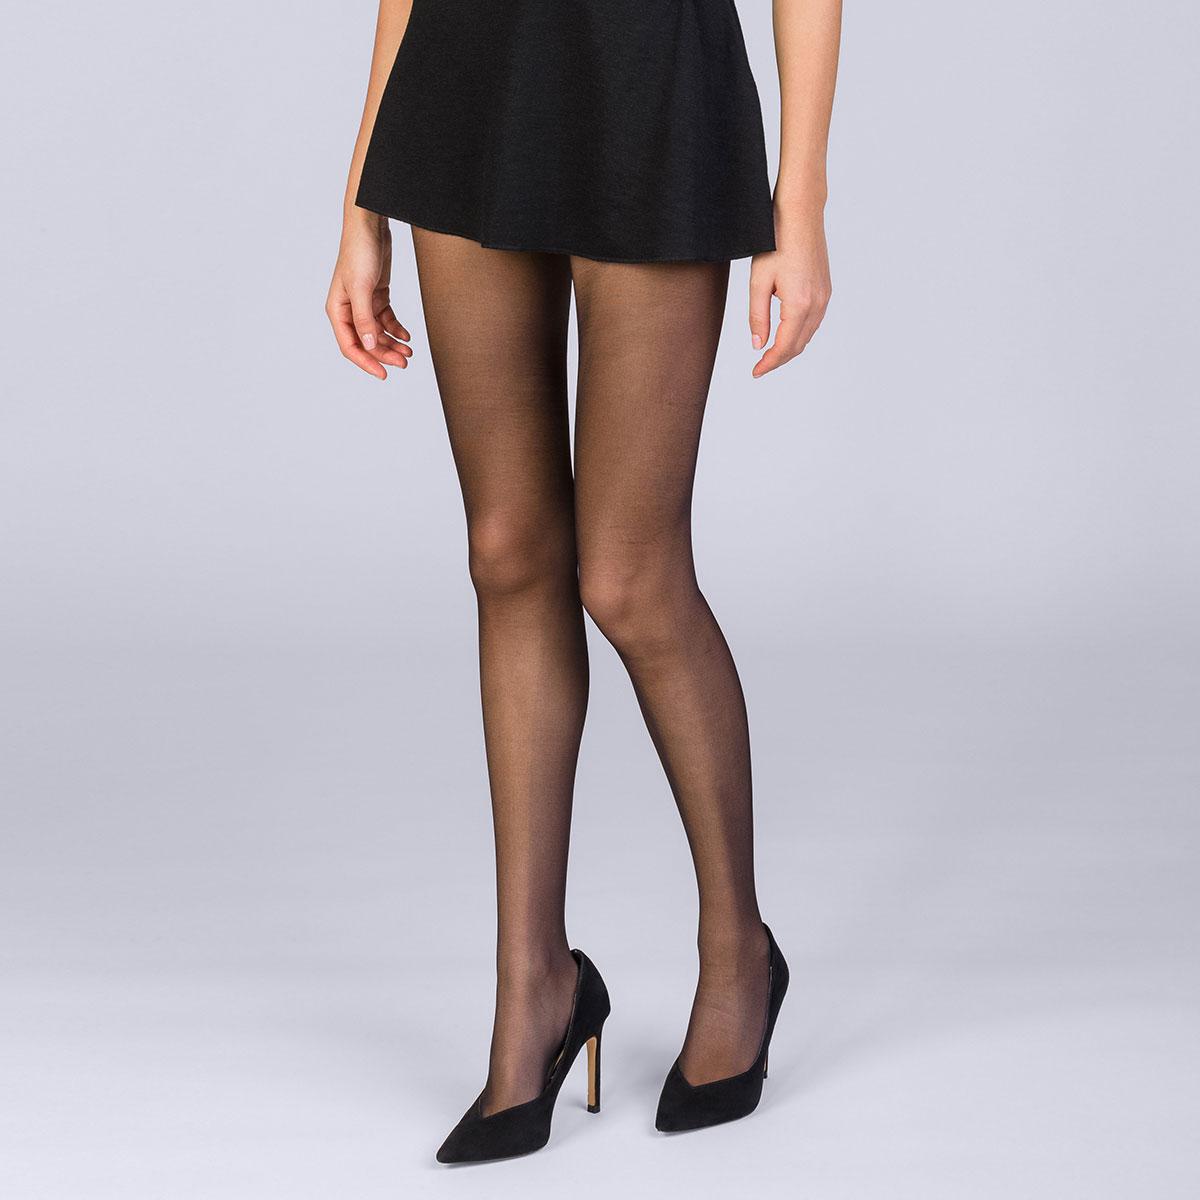 Collant Sublim Contouring noir 17D Femme